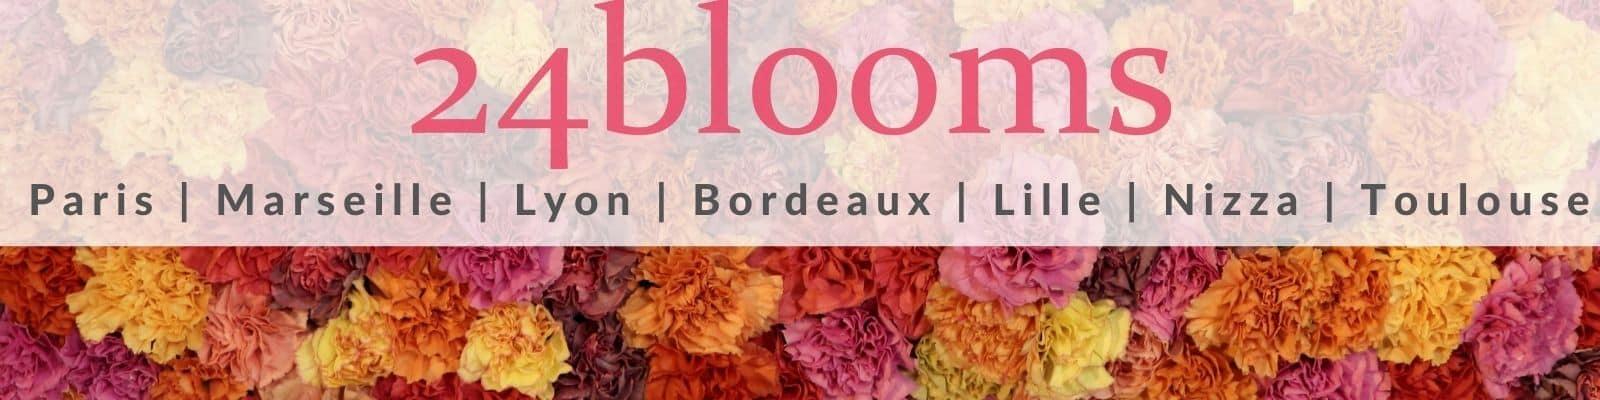 Send Flowers to France - Paris,Marseille,Lyon, Bordeaux, Lille, Nizza, Toulouse - Flower Delivery